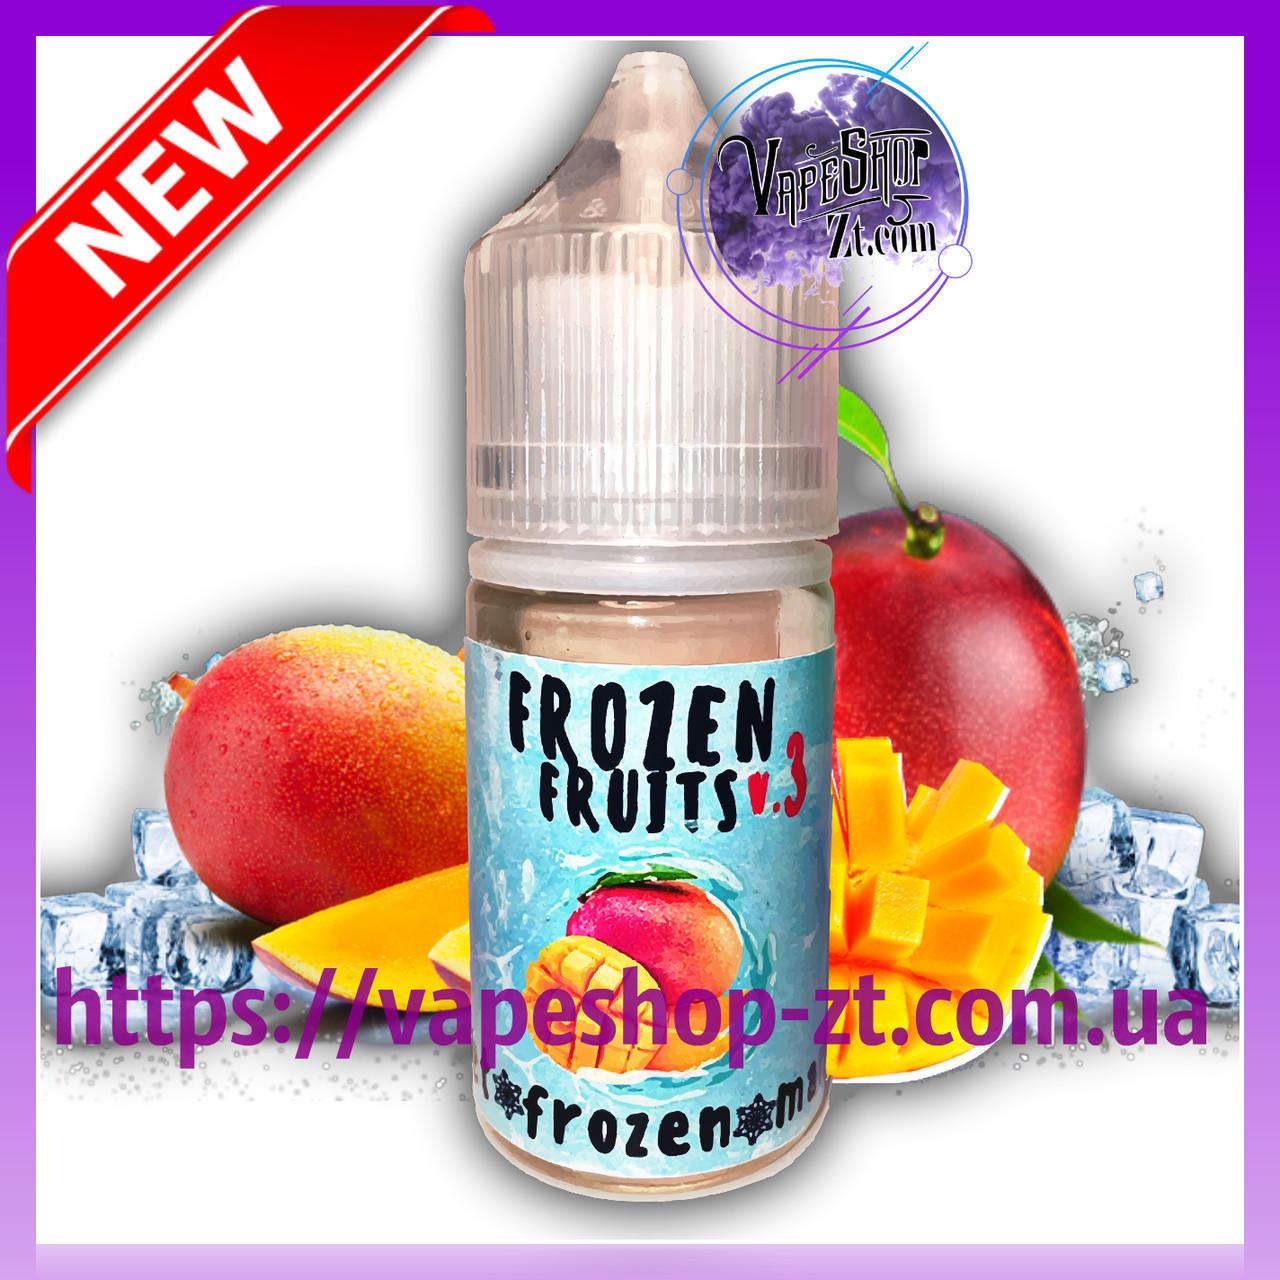 Frozen fruits salt sweet frozen mango 30 мл -Солевая жидкость. Жидкость для электронных сигарет(Заправка жижа)